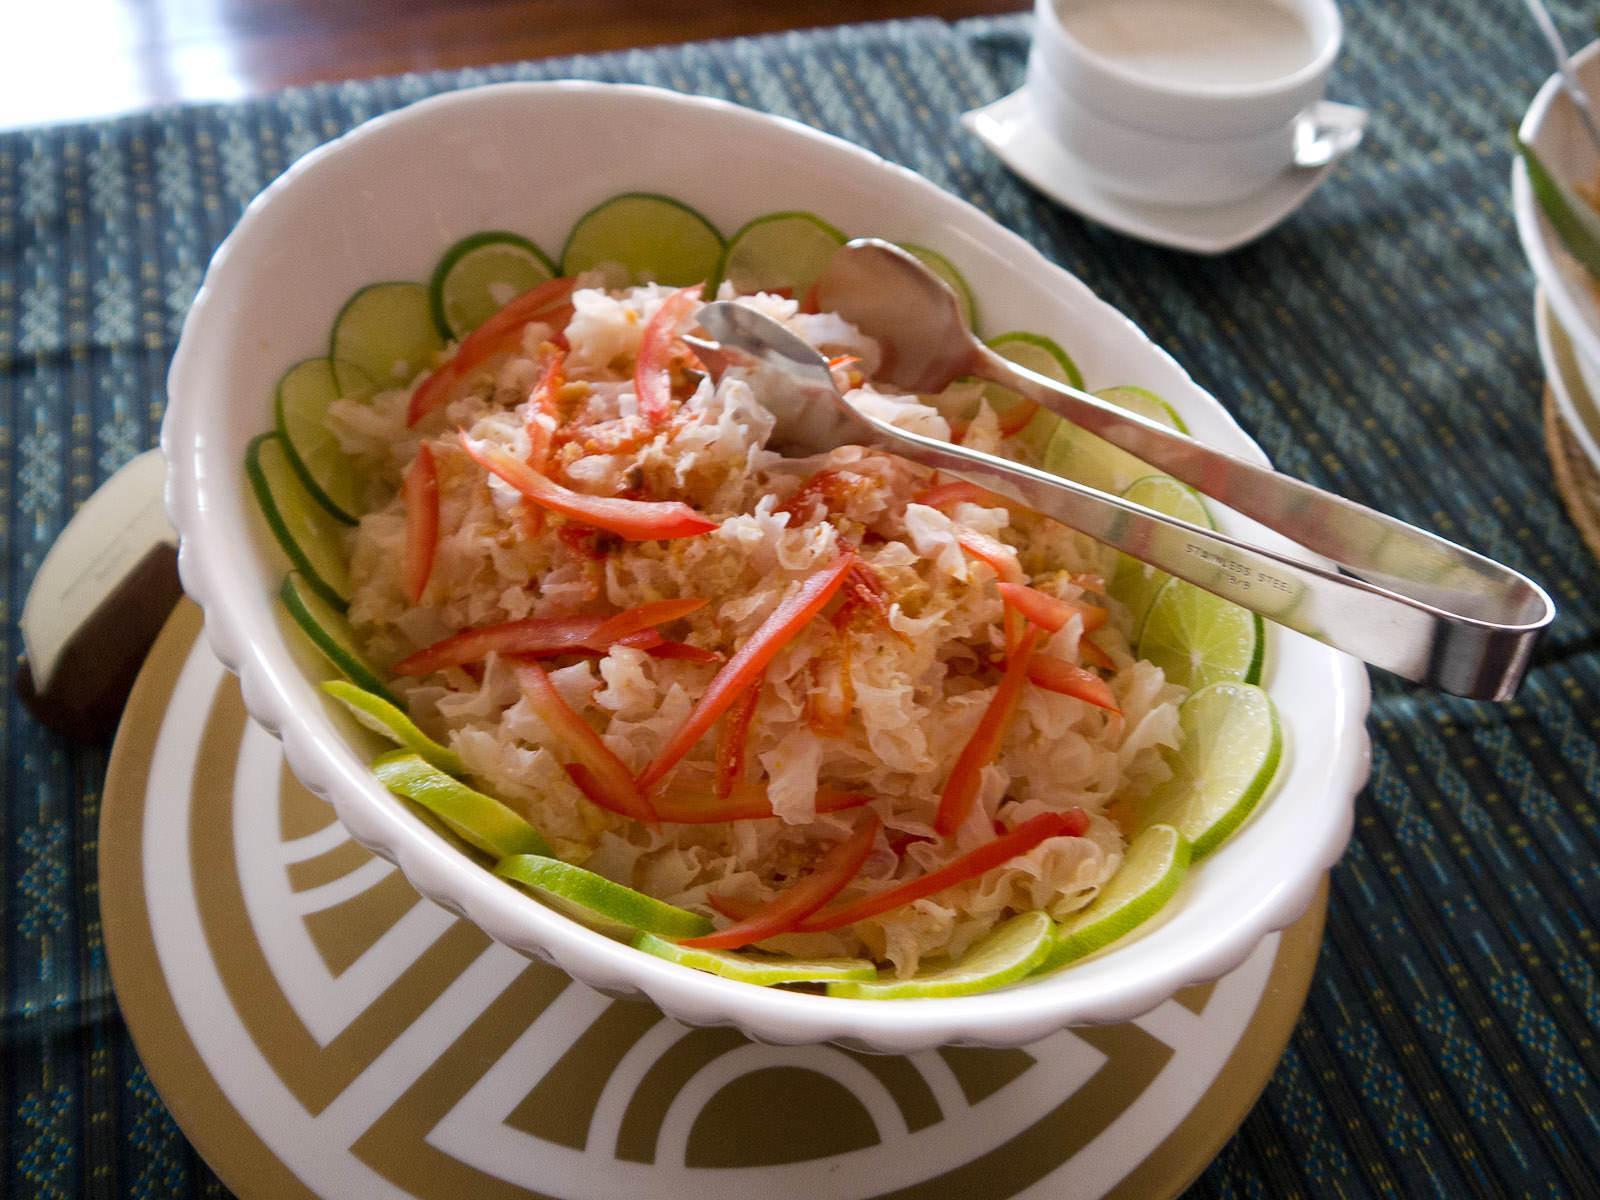 Snow mushroom salad